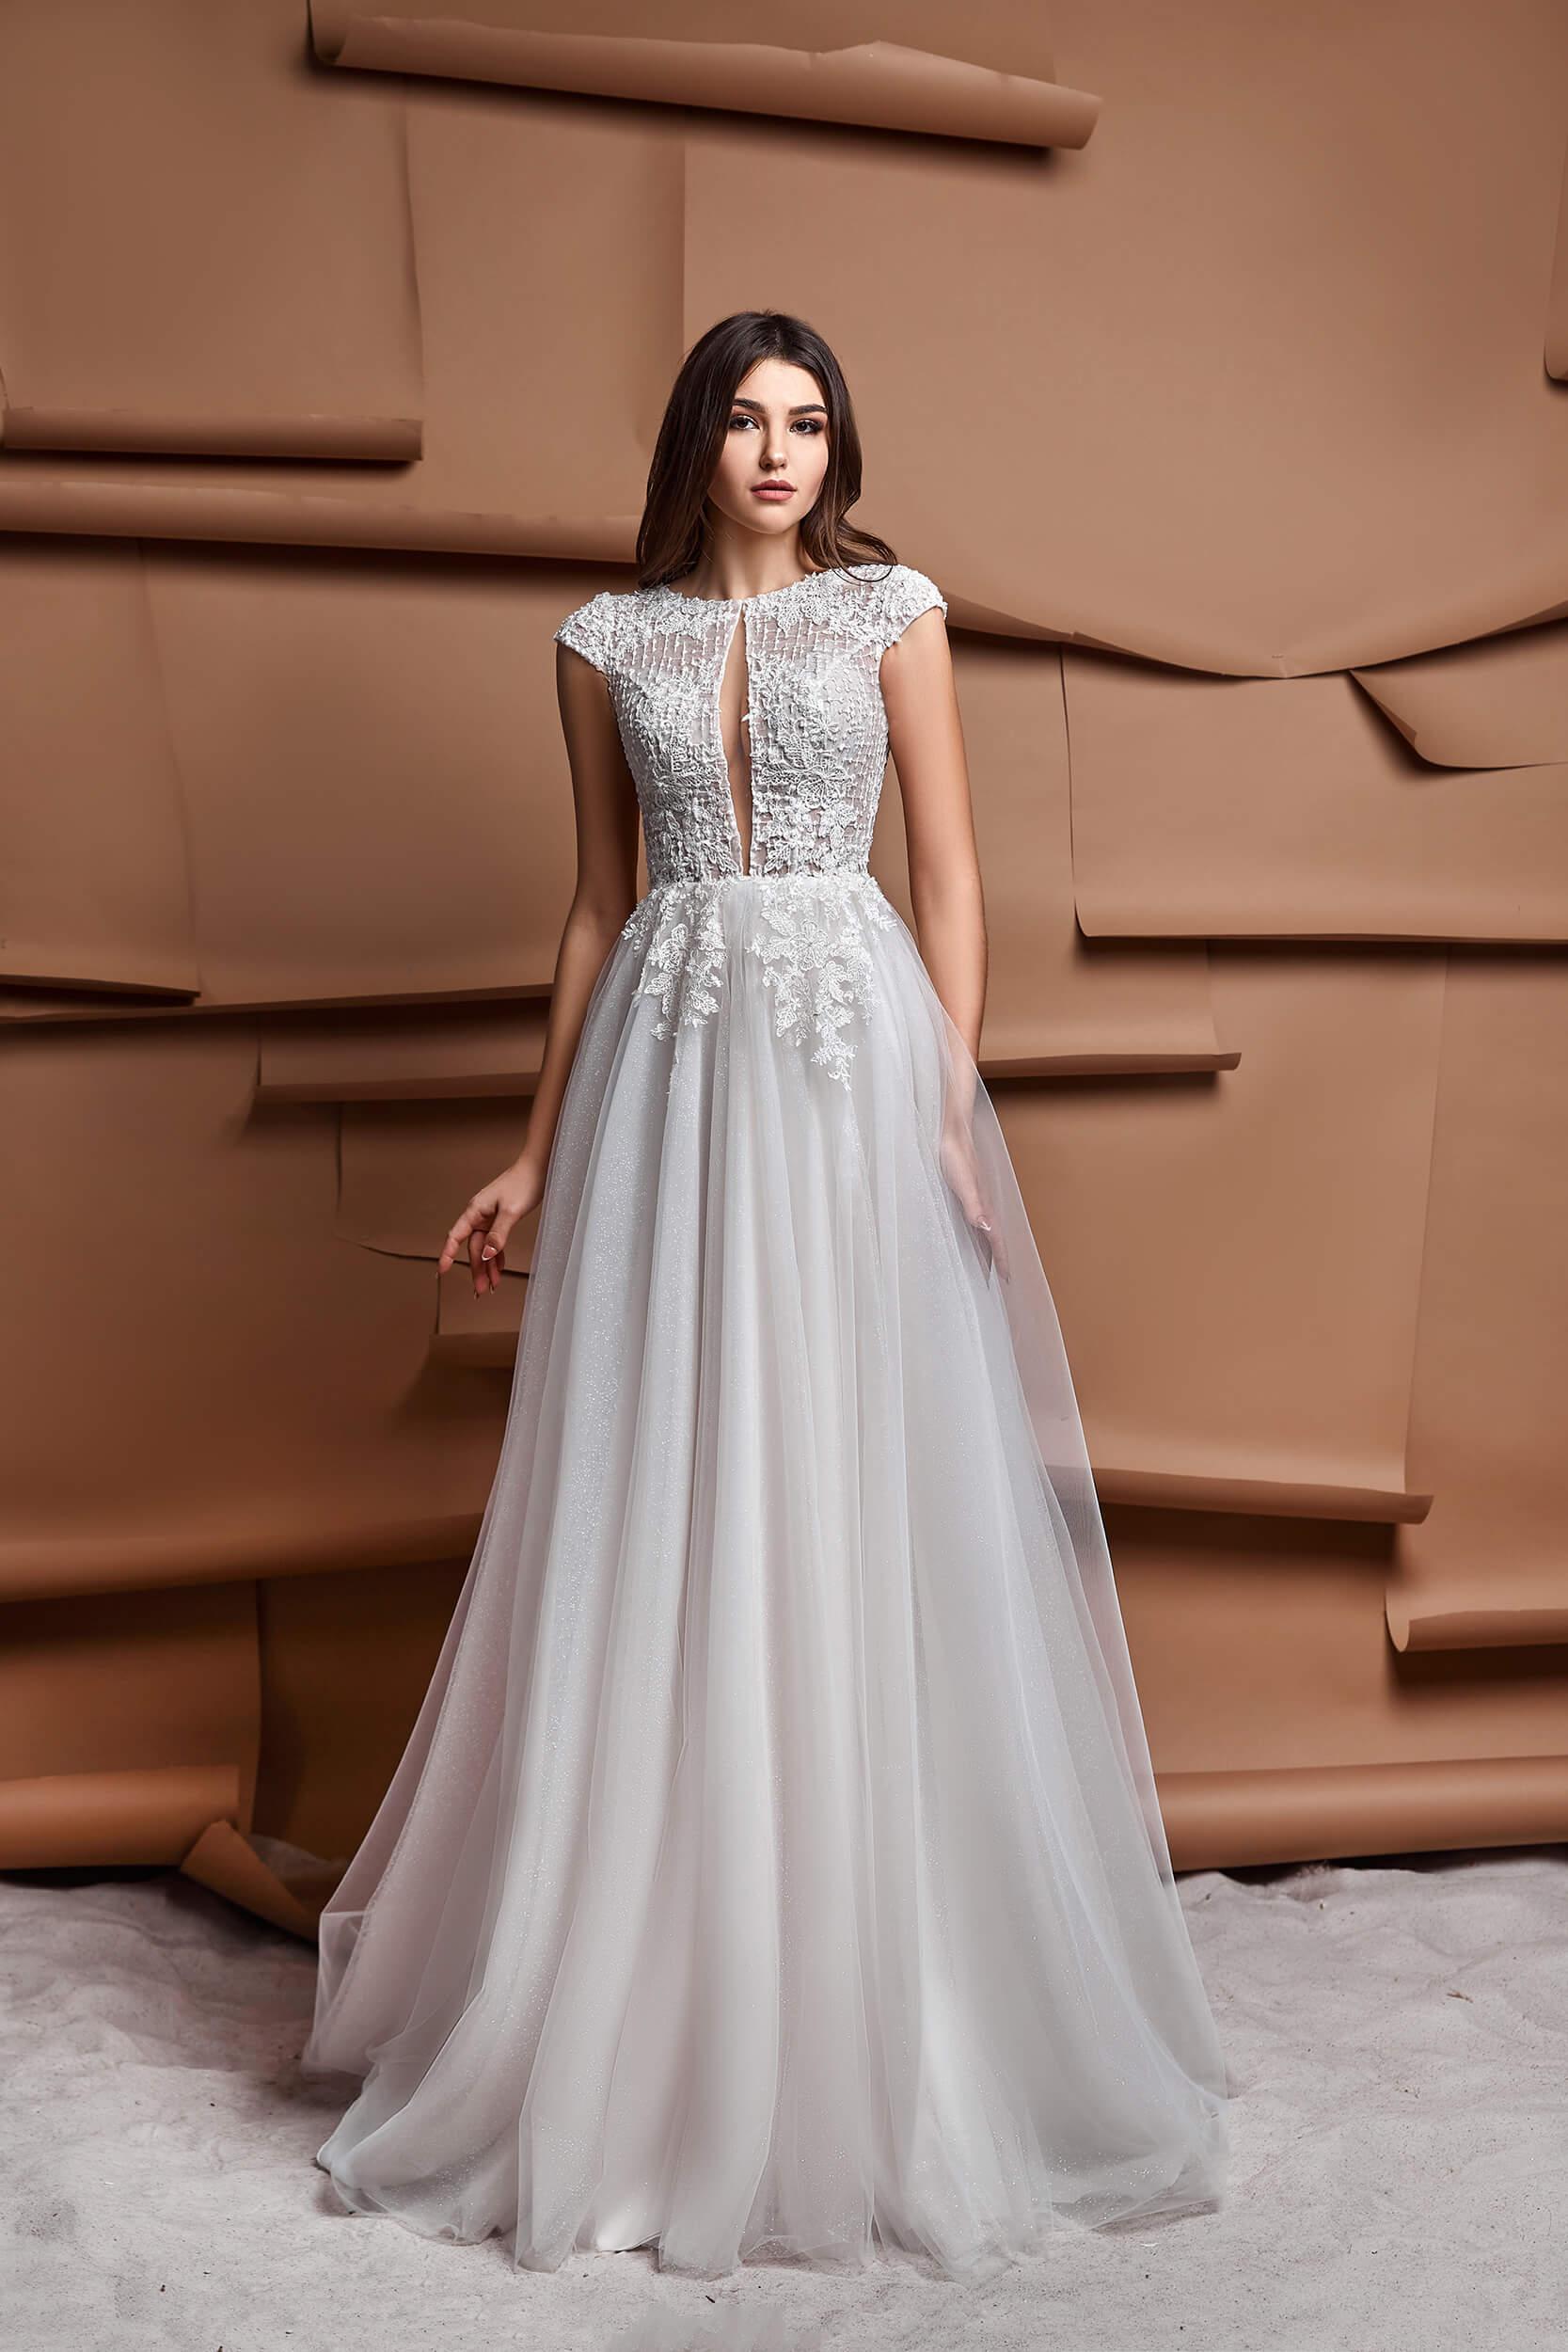 простое свадебное платье купить(1) | Vero